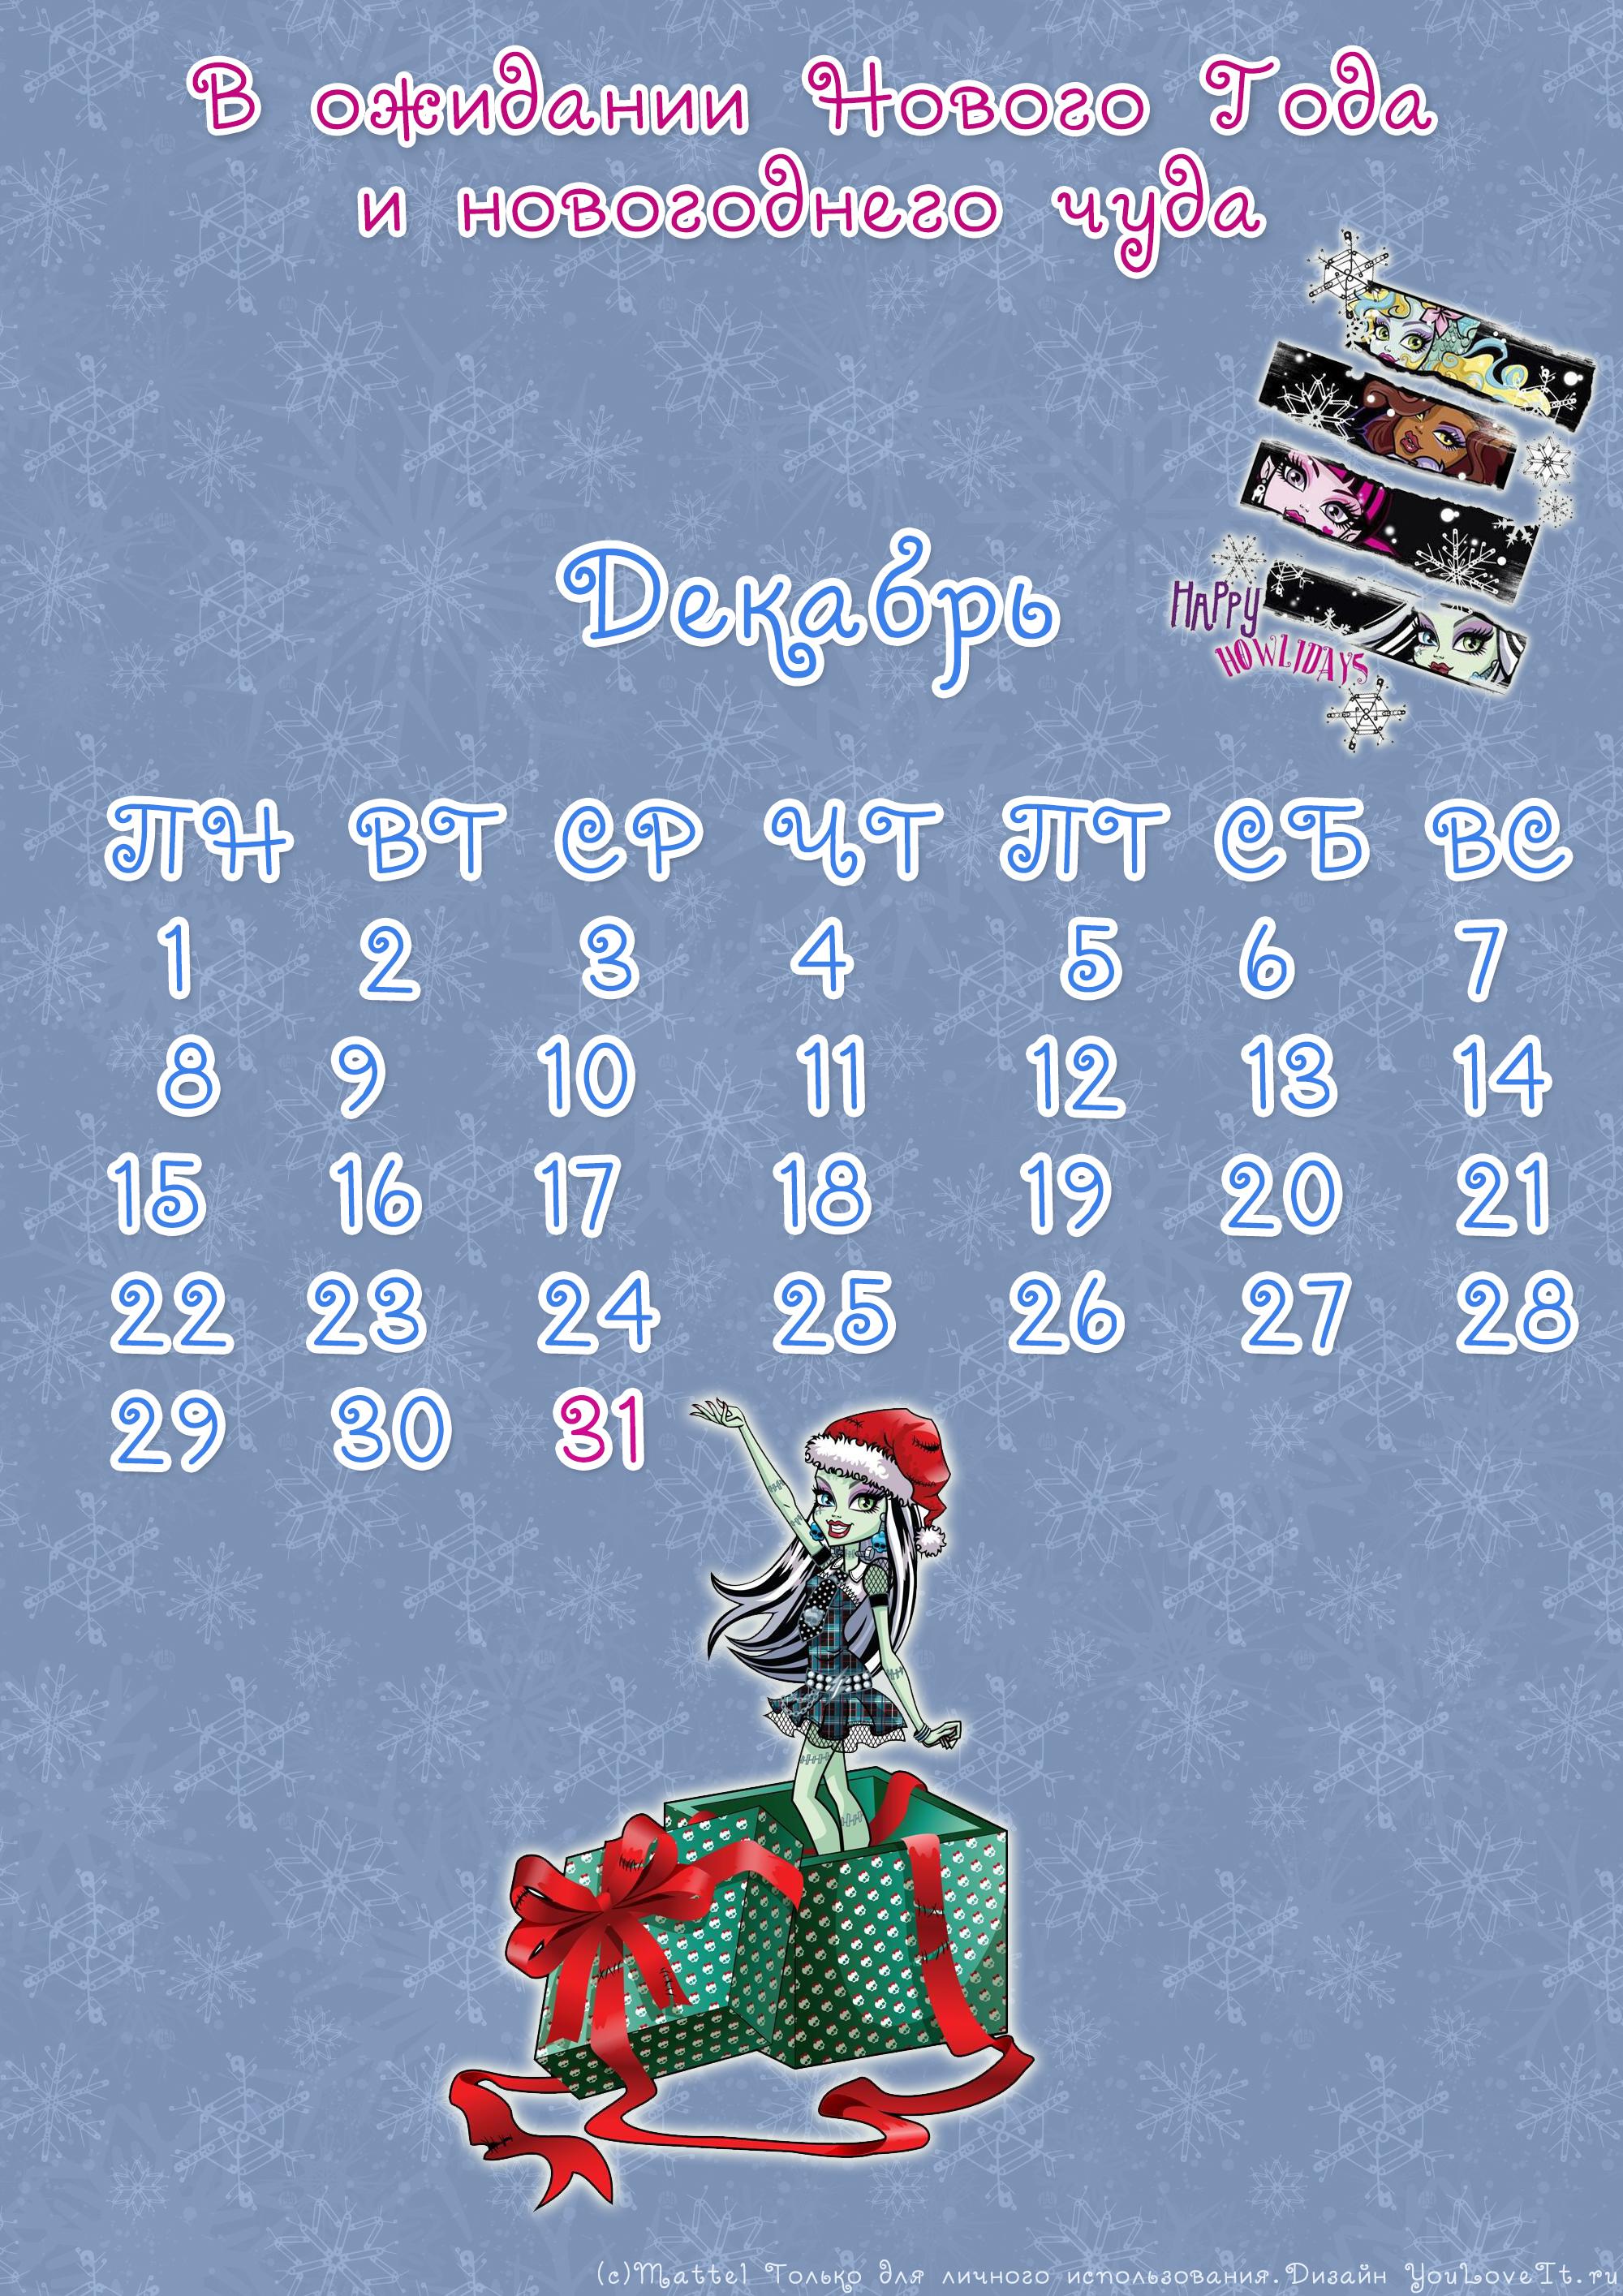 Календарь дней до нового 2017 года